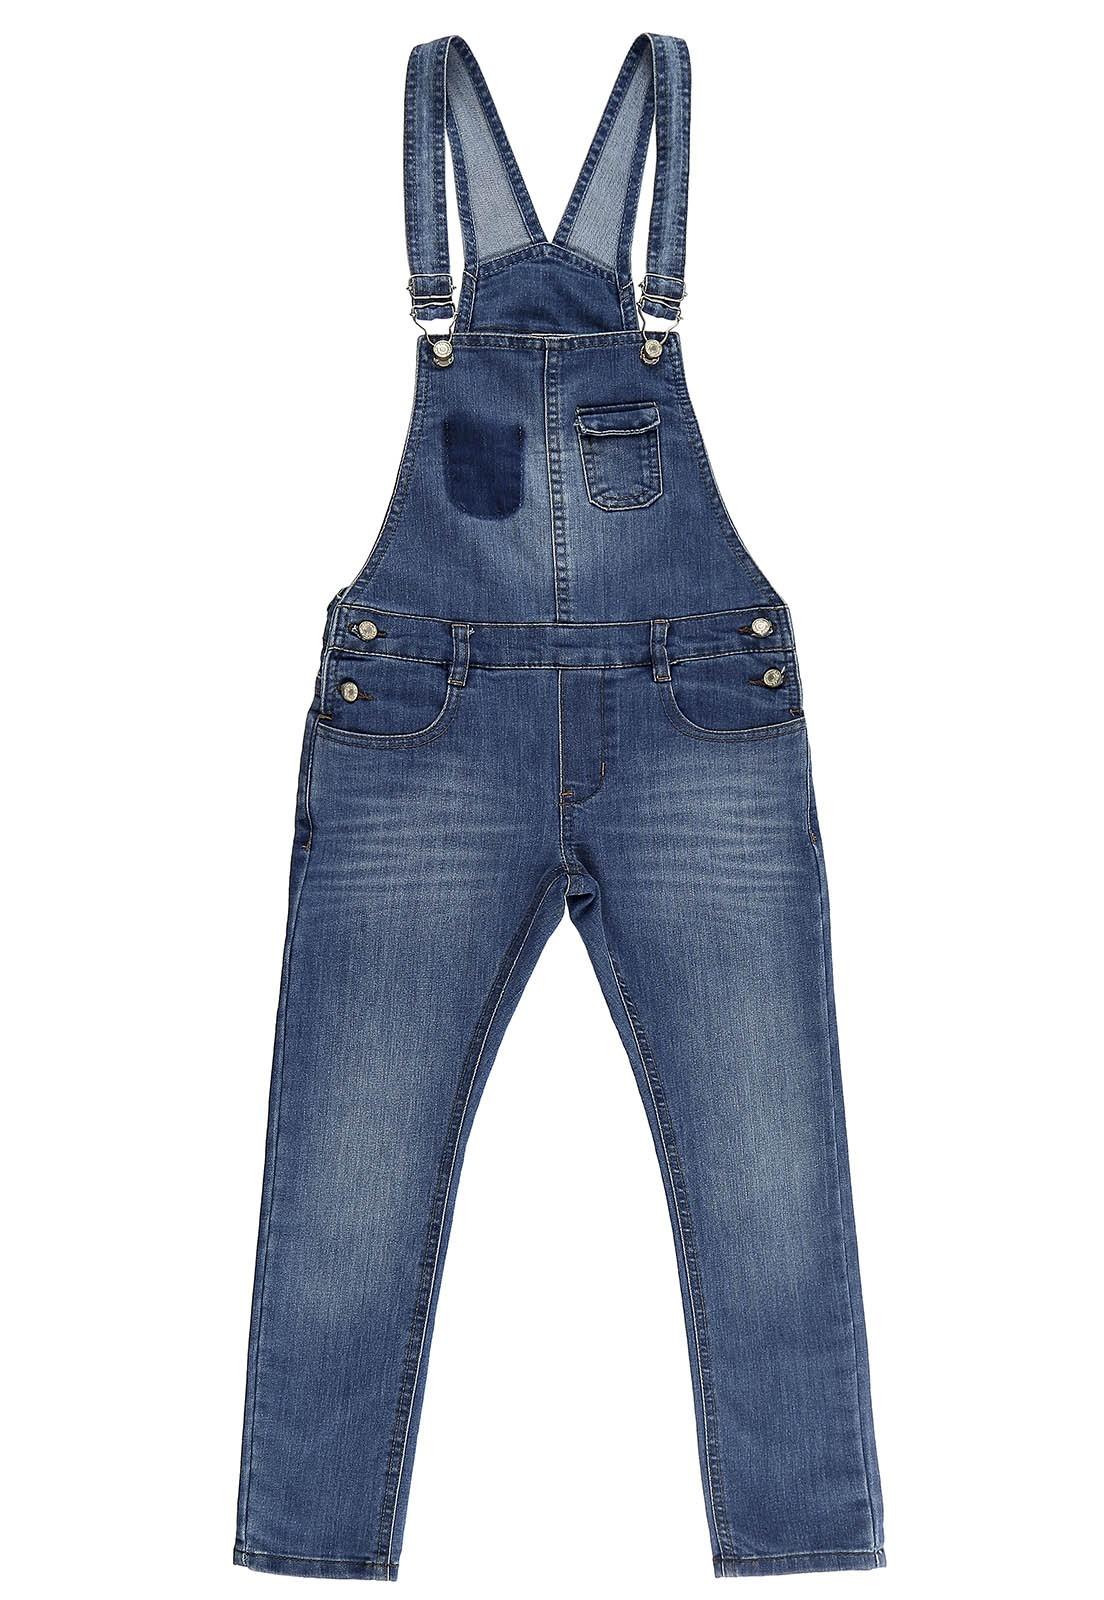 Jardineira Masculina Crawling Jeans